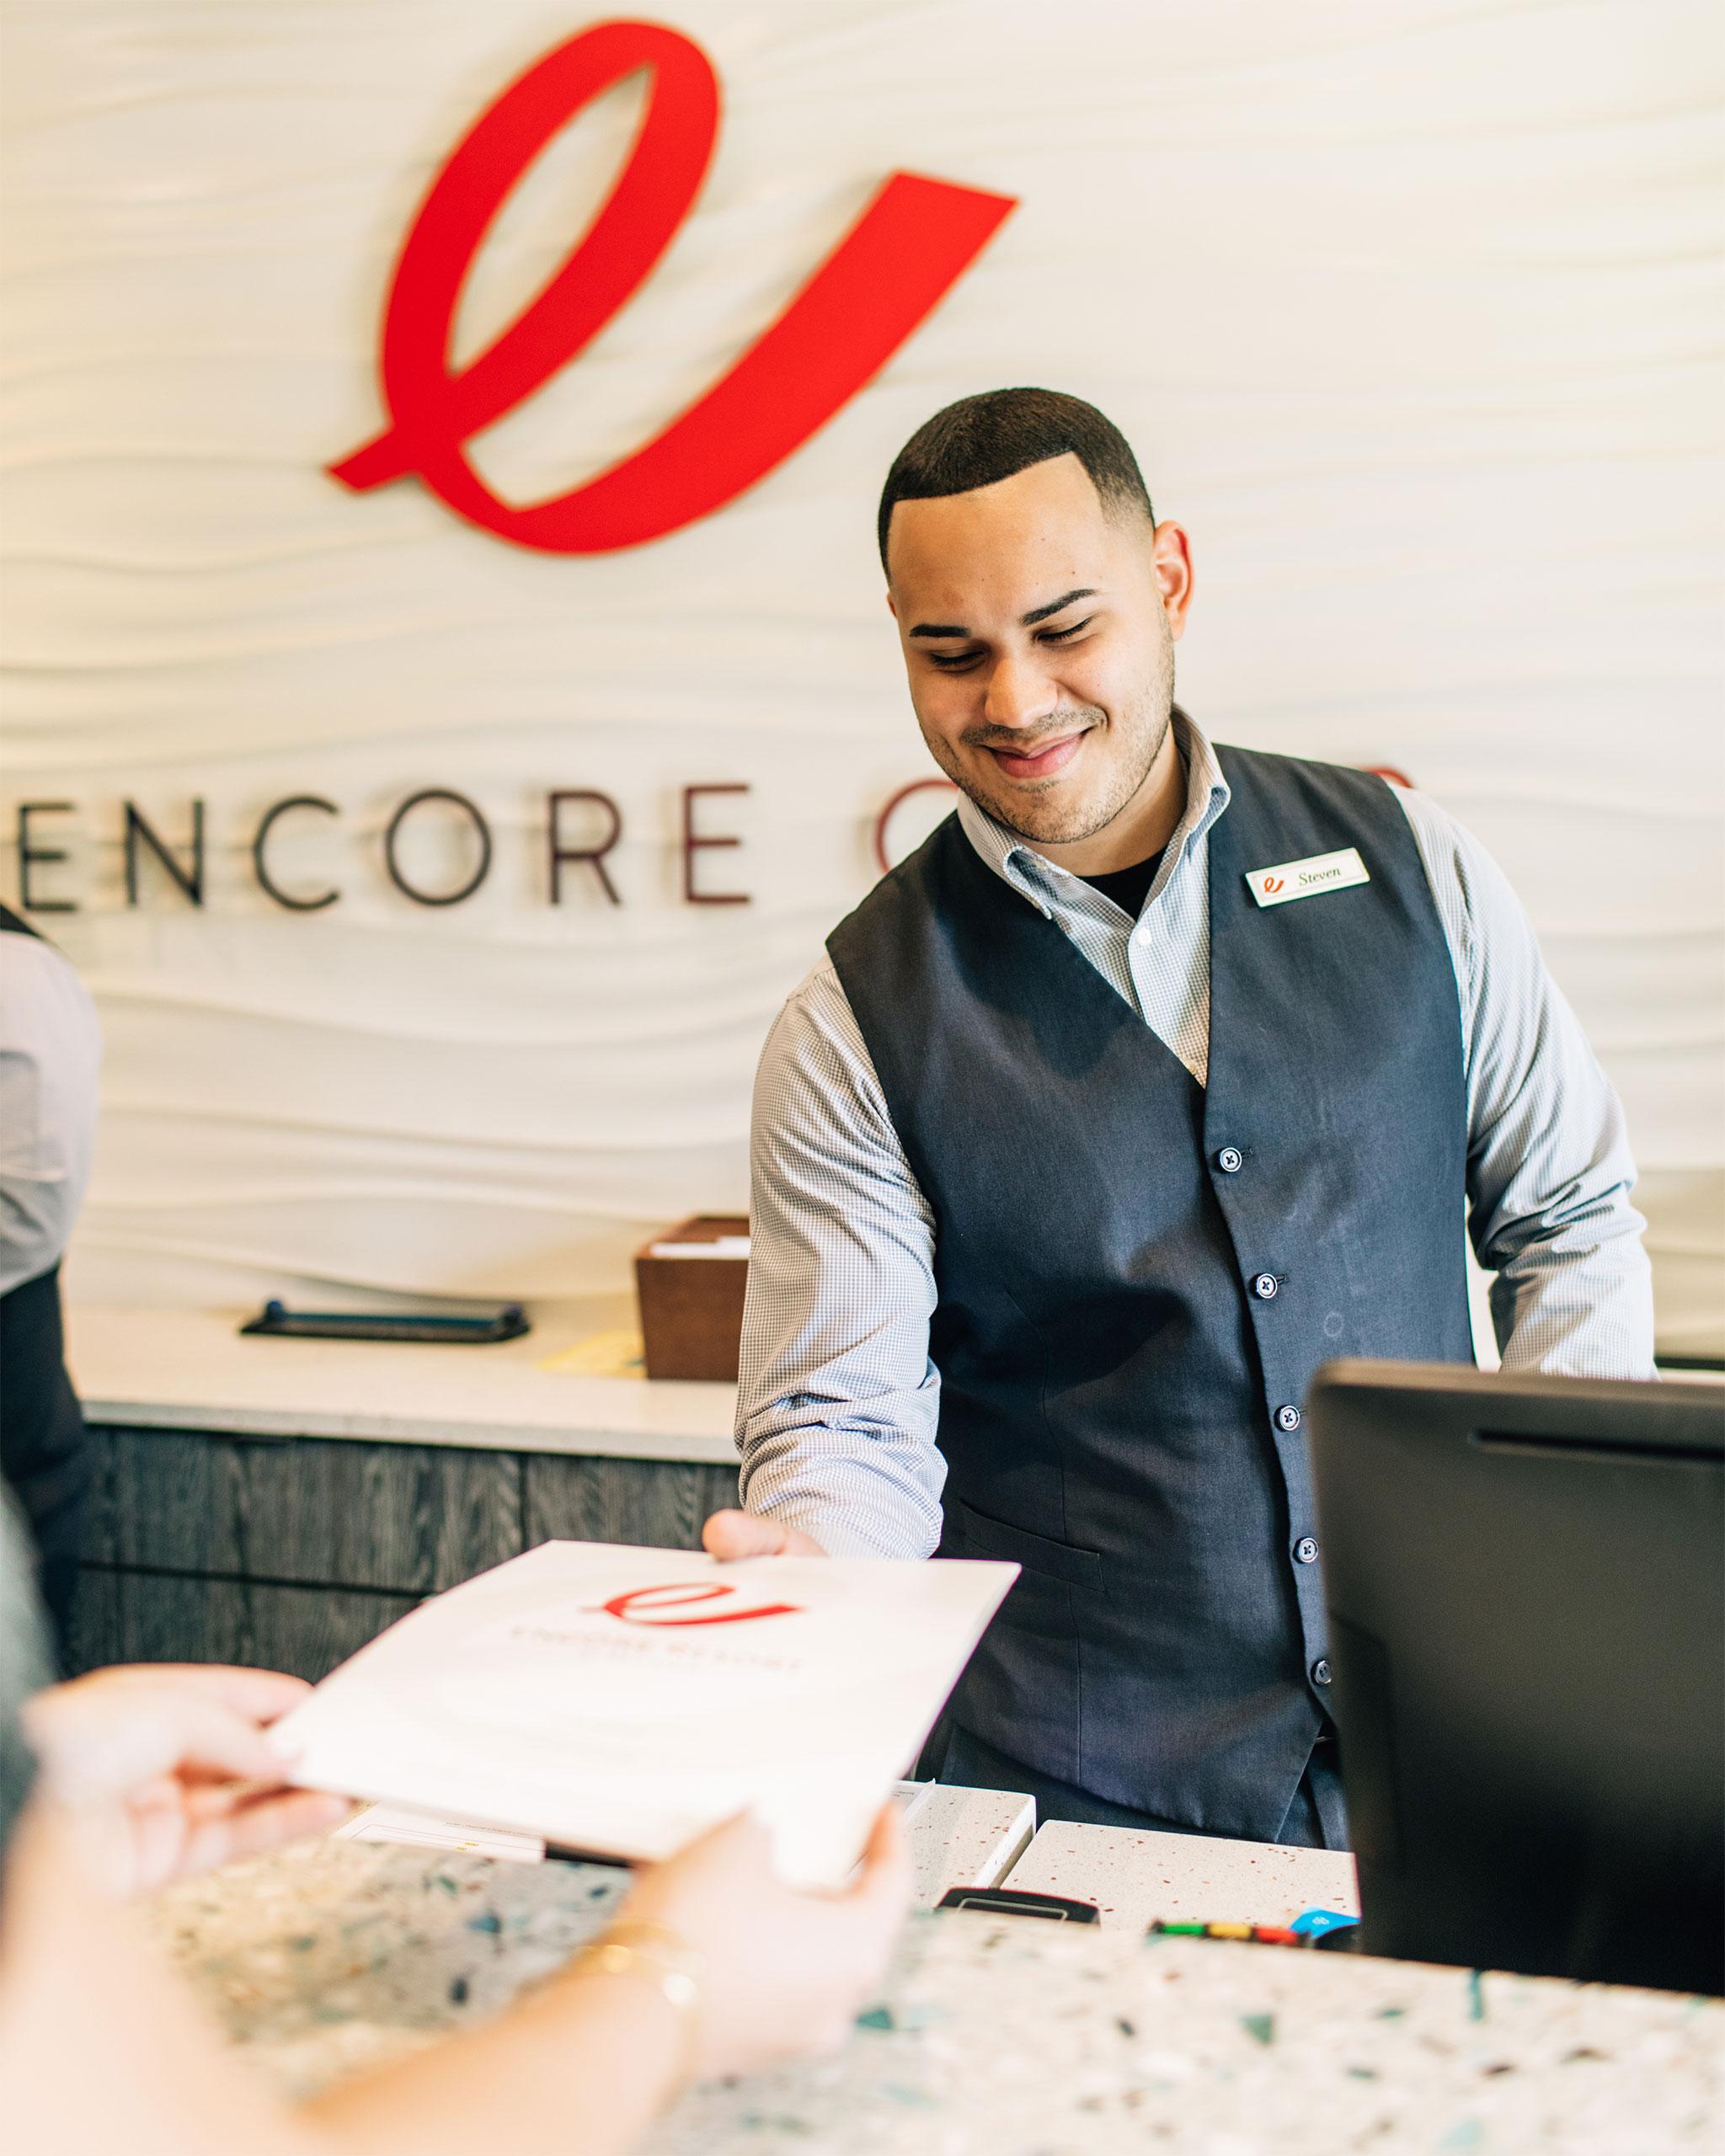 Encore Concierge